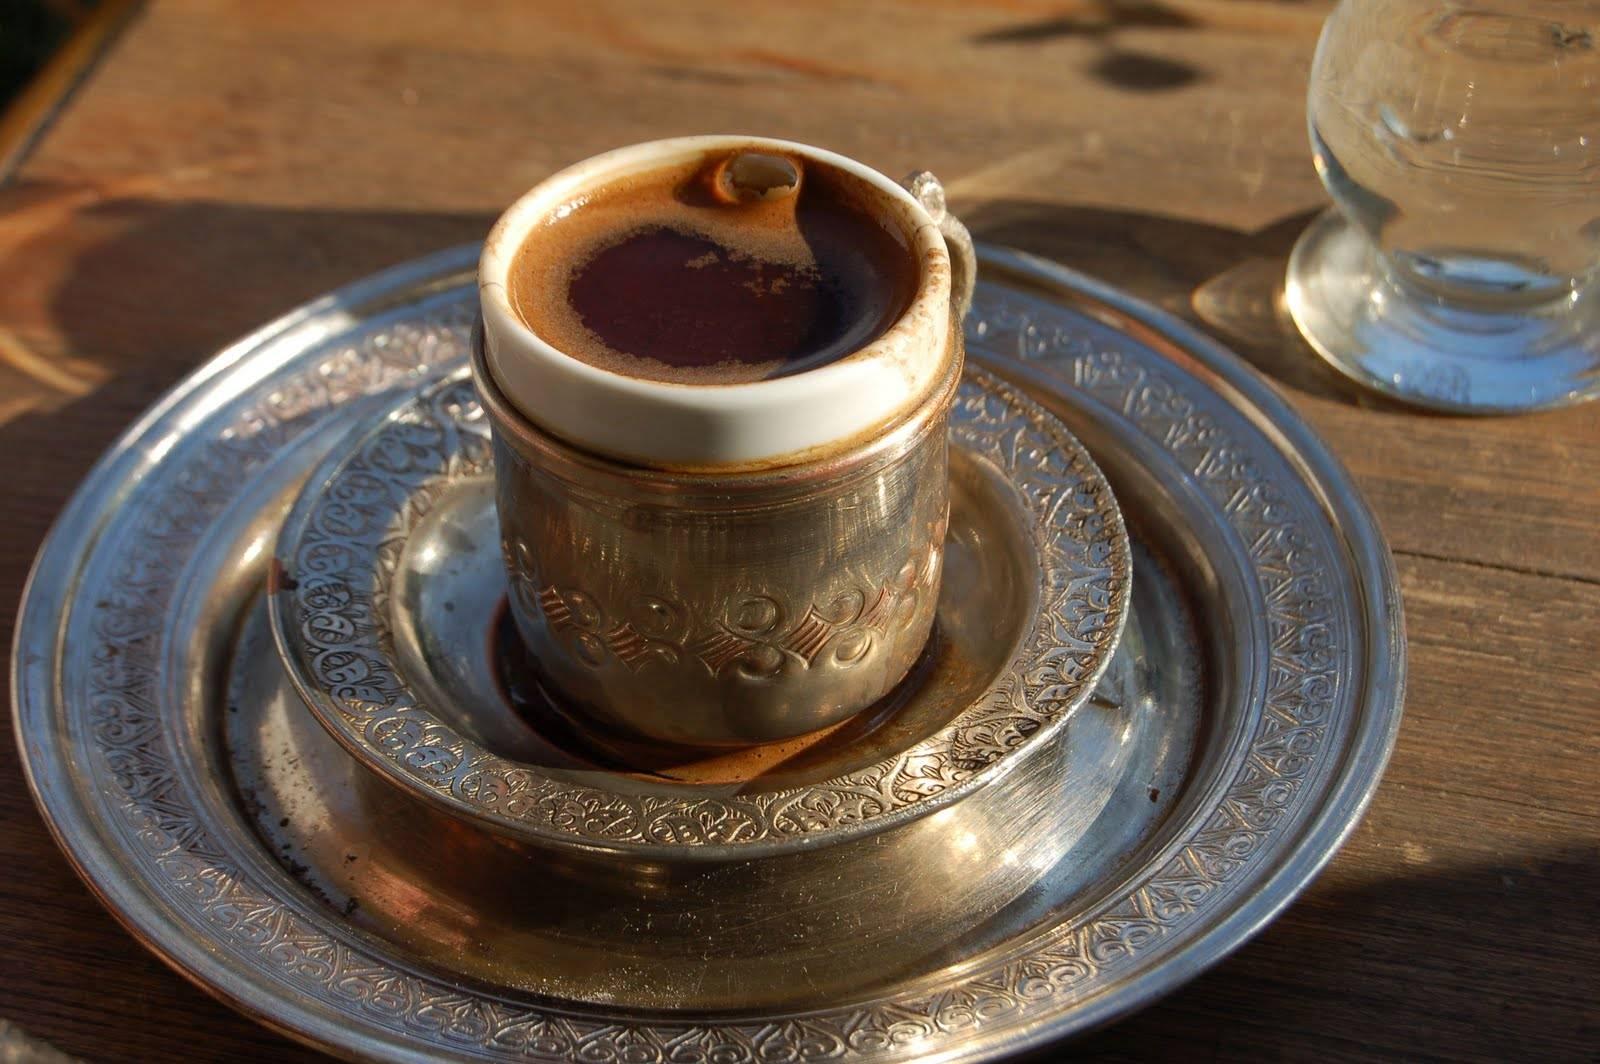 Рецепт кофе по-турецки: как приготовить турецкий кофе в турке